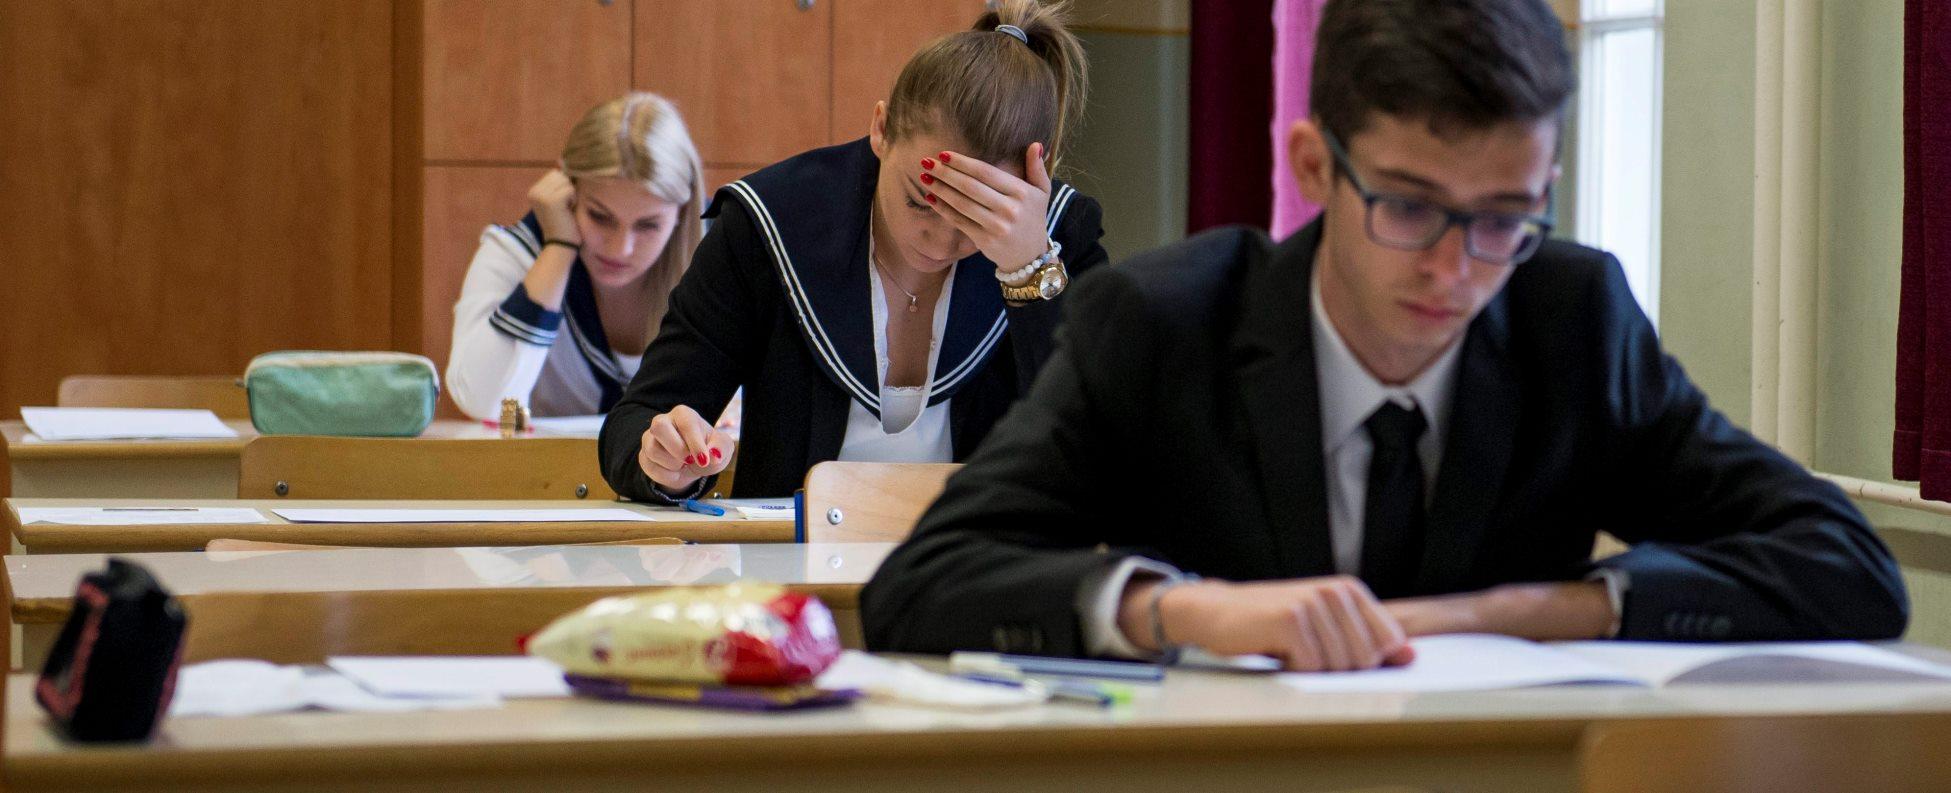 Érettségi - Hétfőn a magyar nyelv és irodalom írásbelikkel folytatódnak a vizsgák